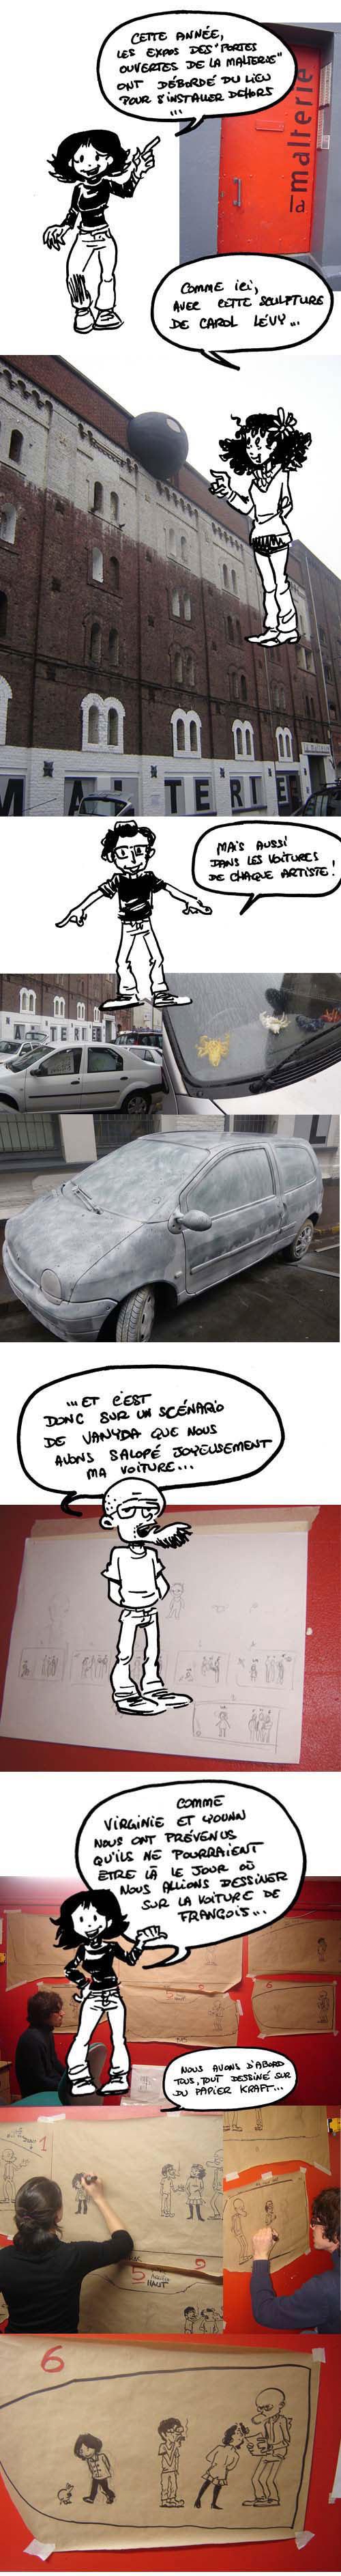 Malterie-voiture-01.jpg